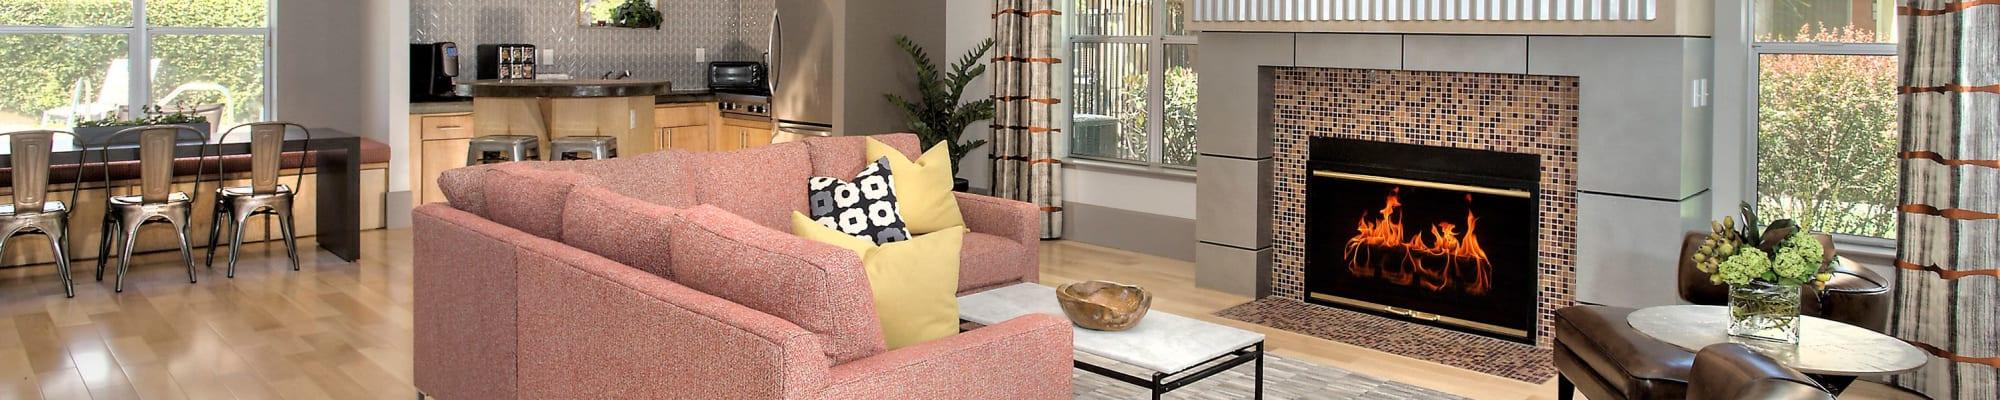 Resident perks at Azure Apartment Homes in Petaluma, California